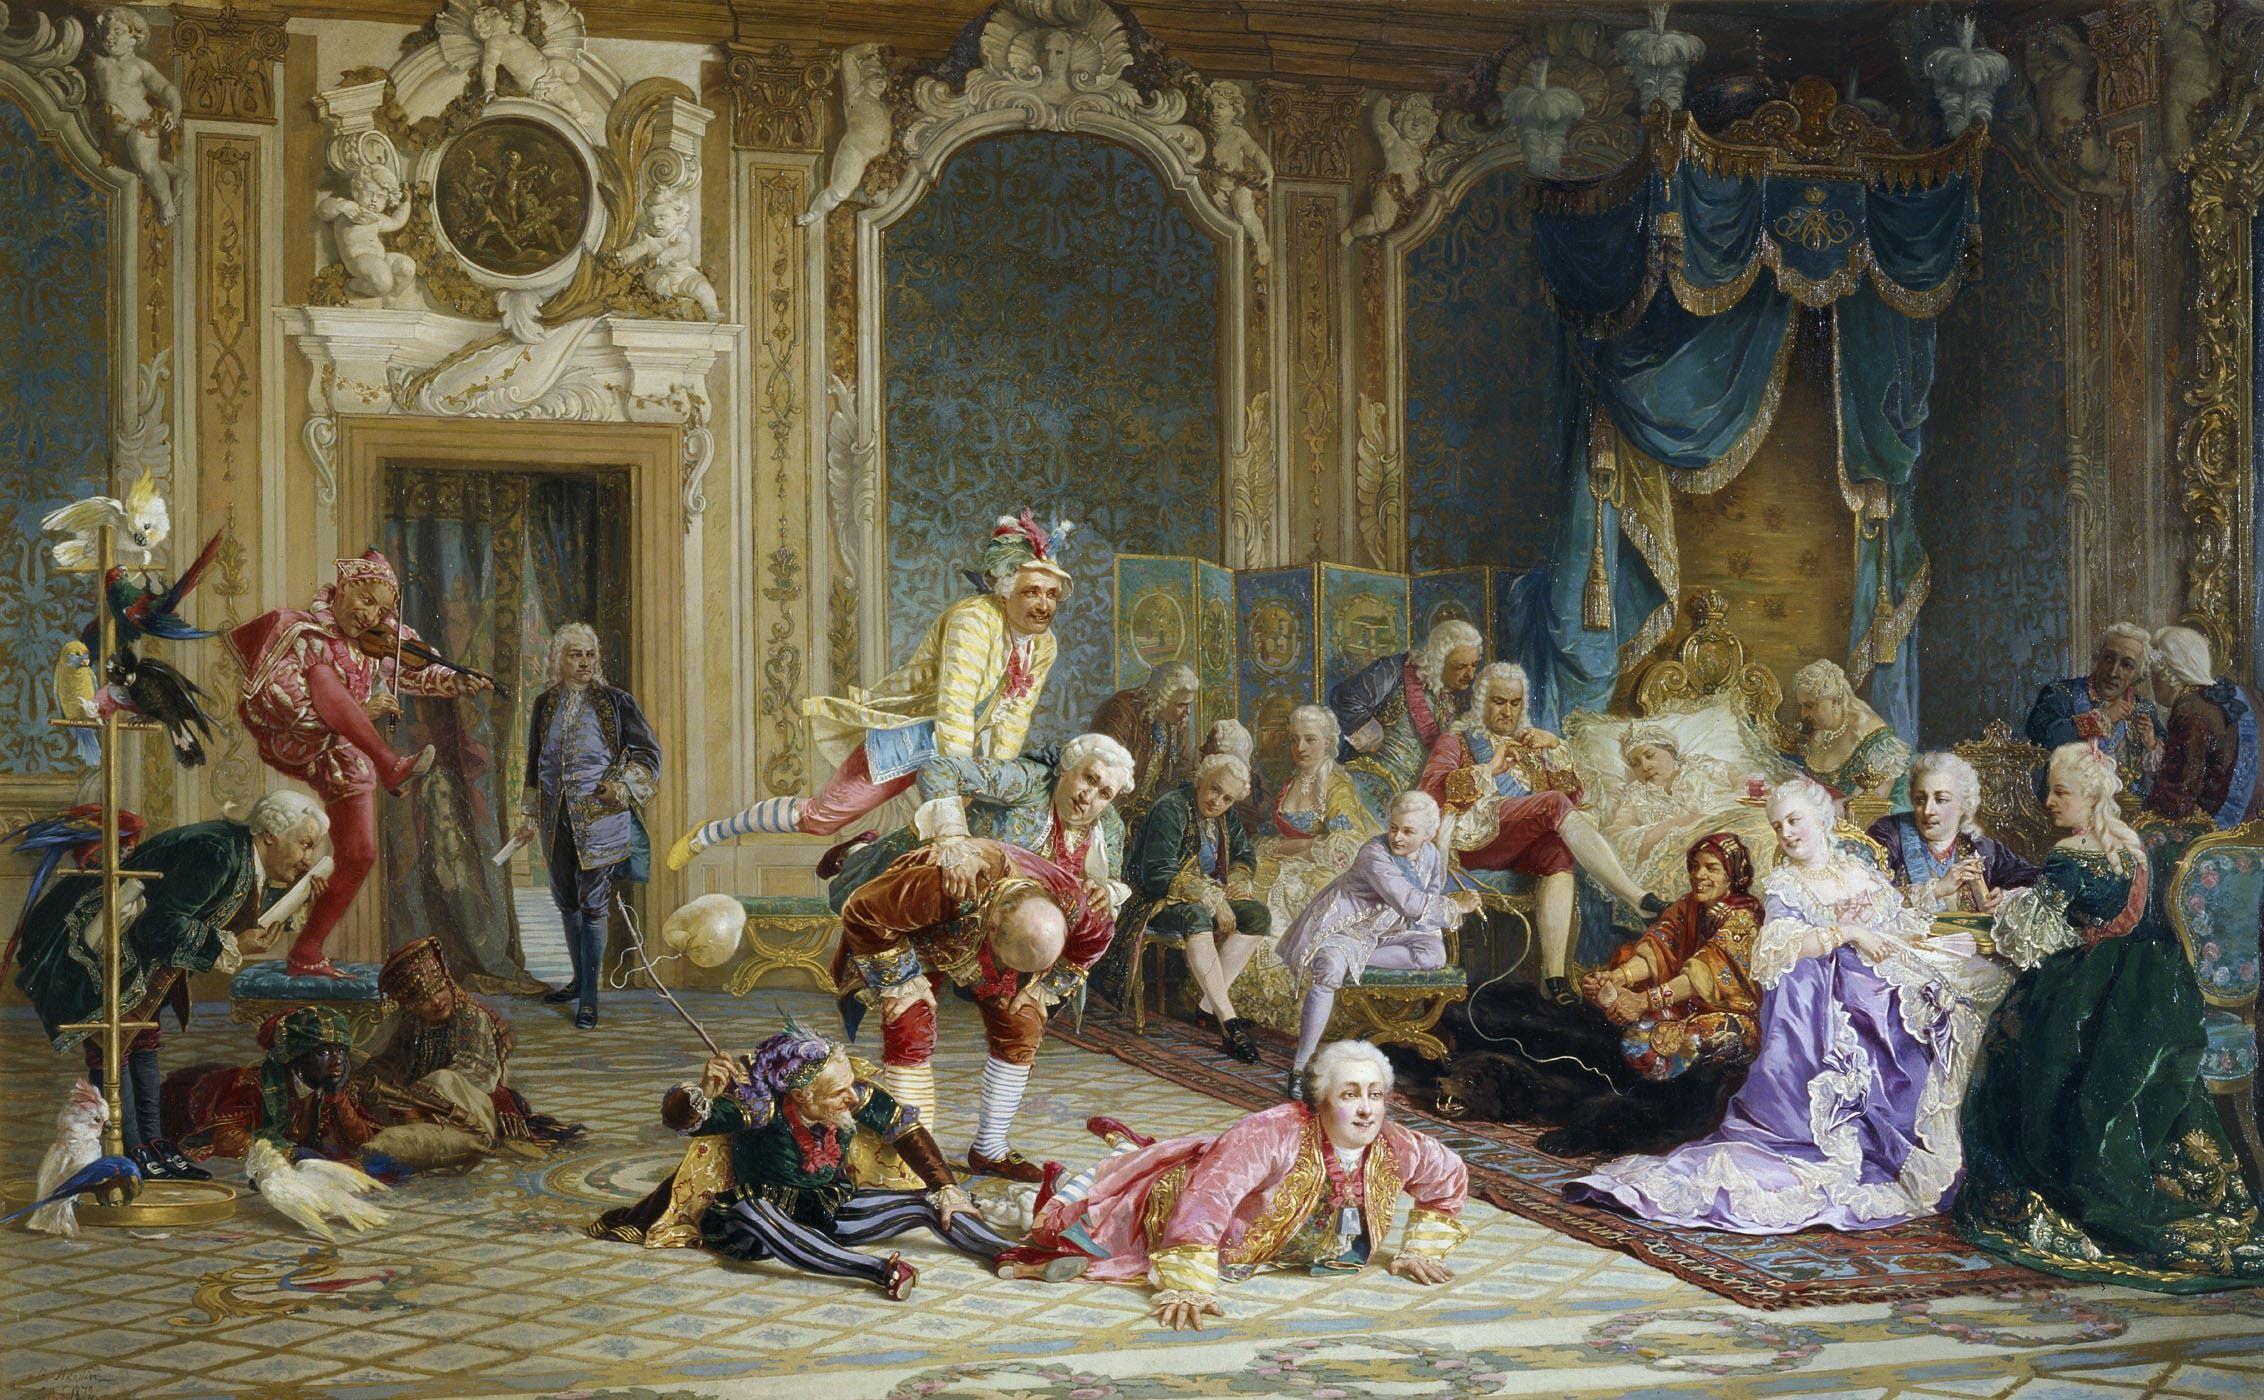 لوحة تجسد المهرجين بقصر الإمبراطورة آنا